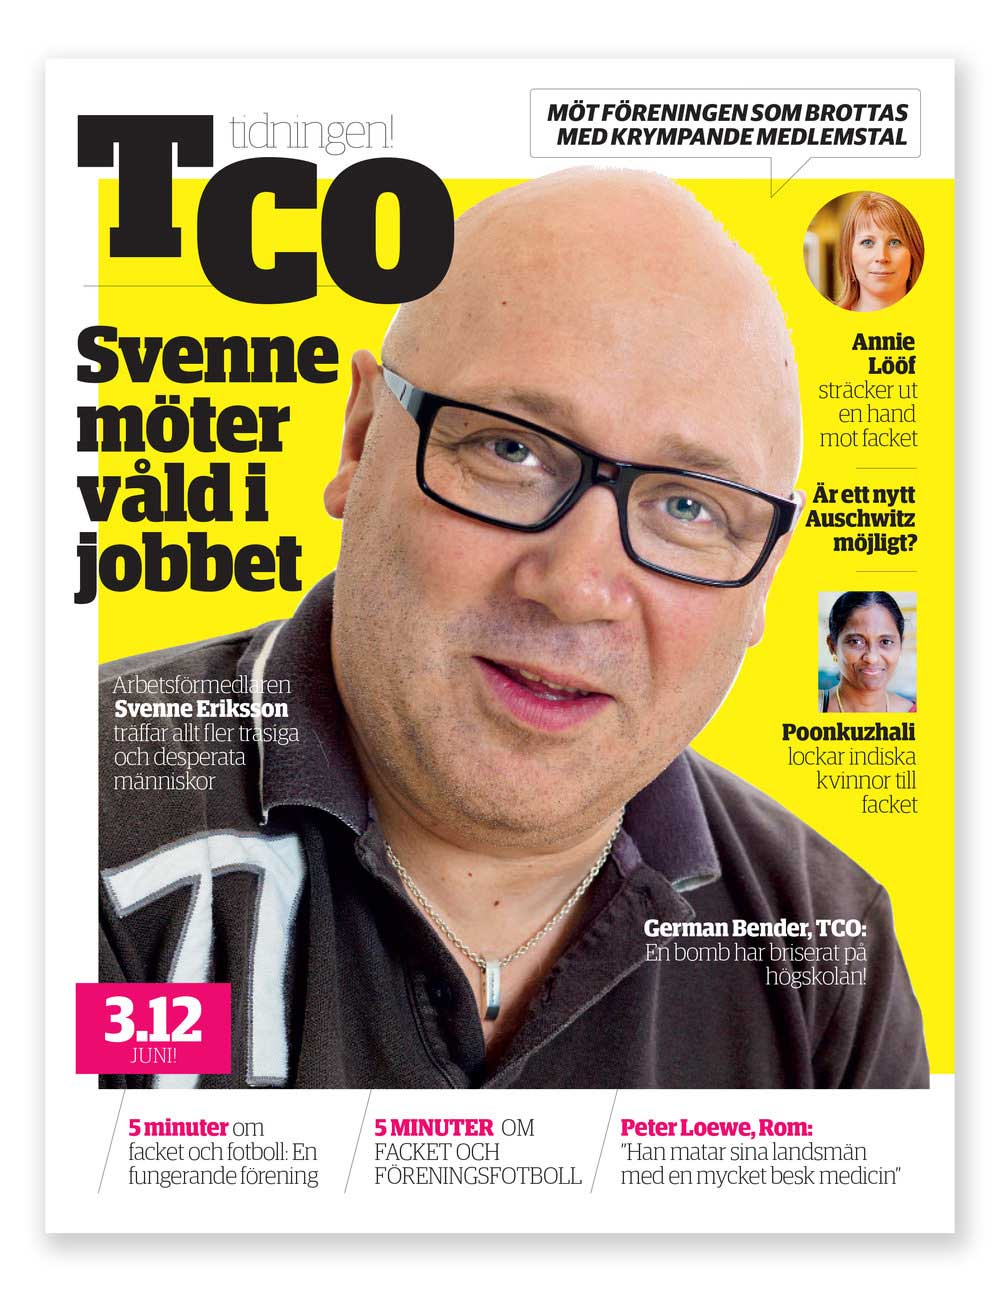 tco-tidningen_1.jpg